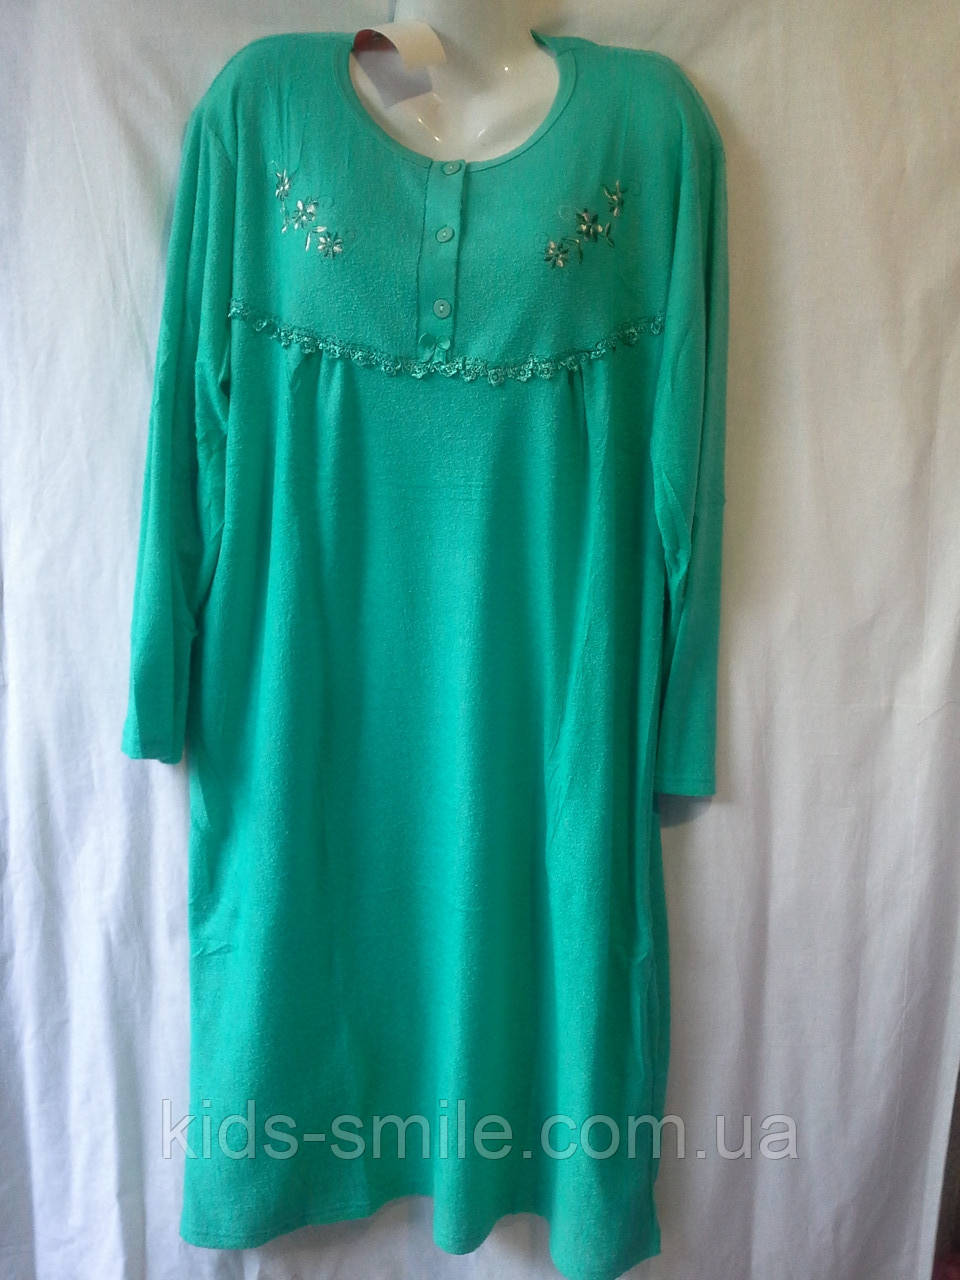 Ночные рубашки женские теплые НОРМА